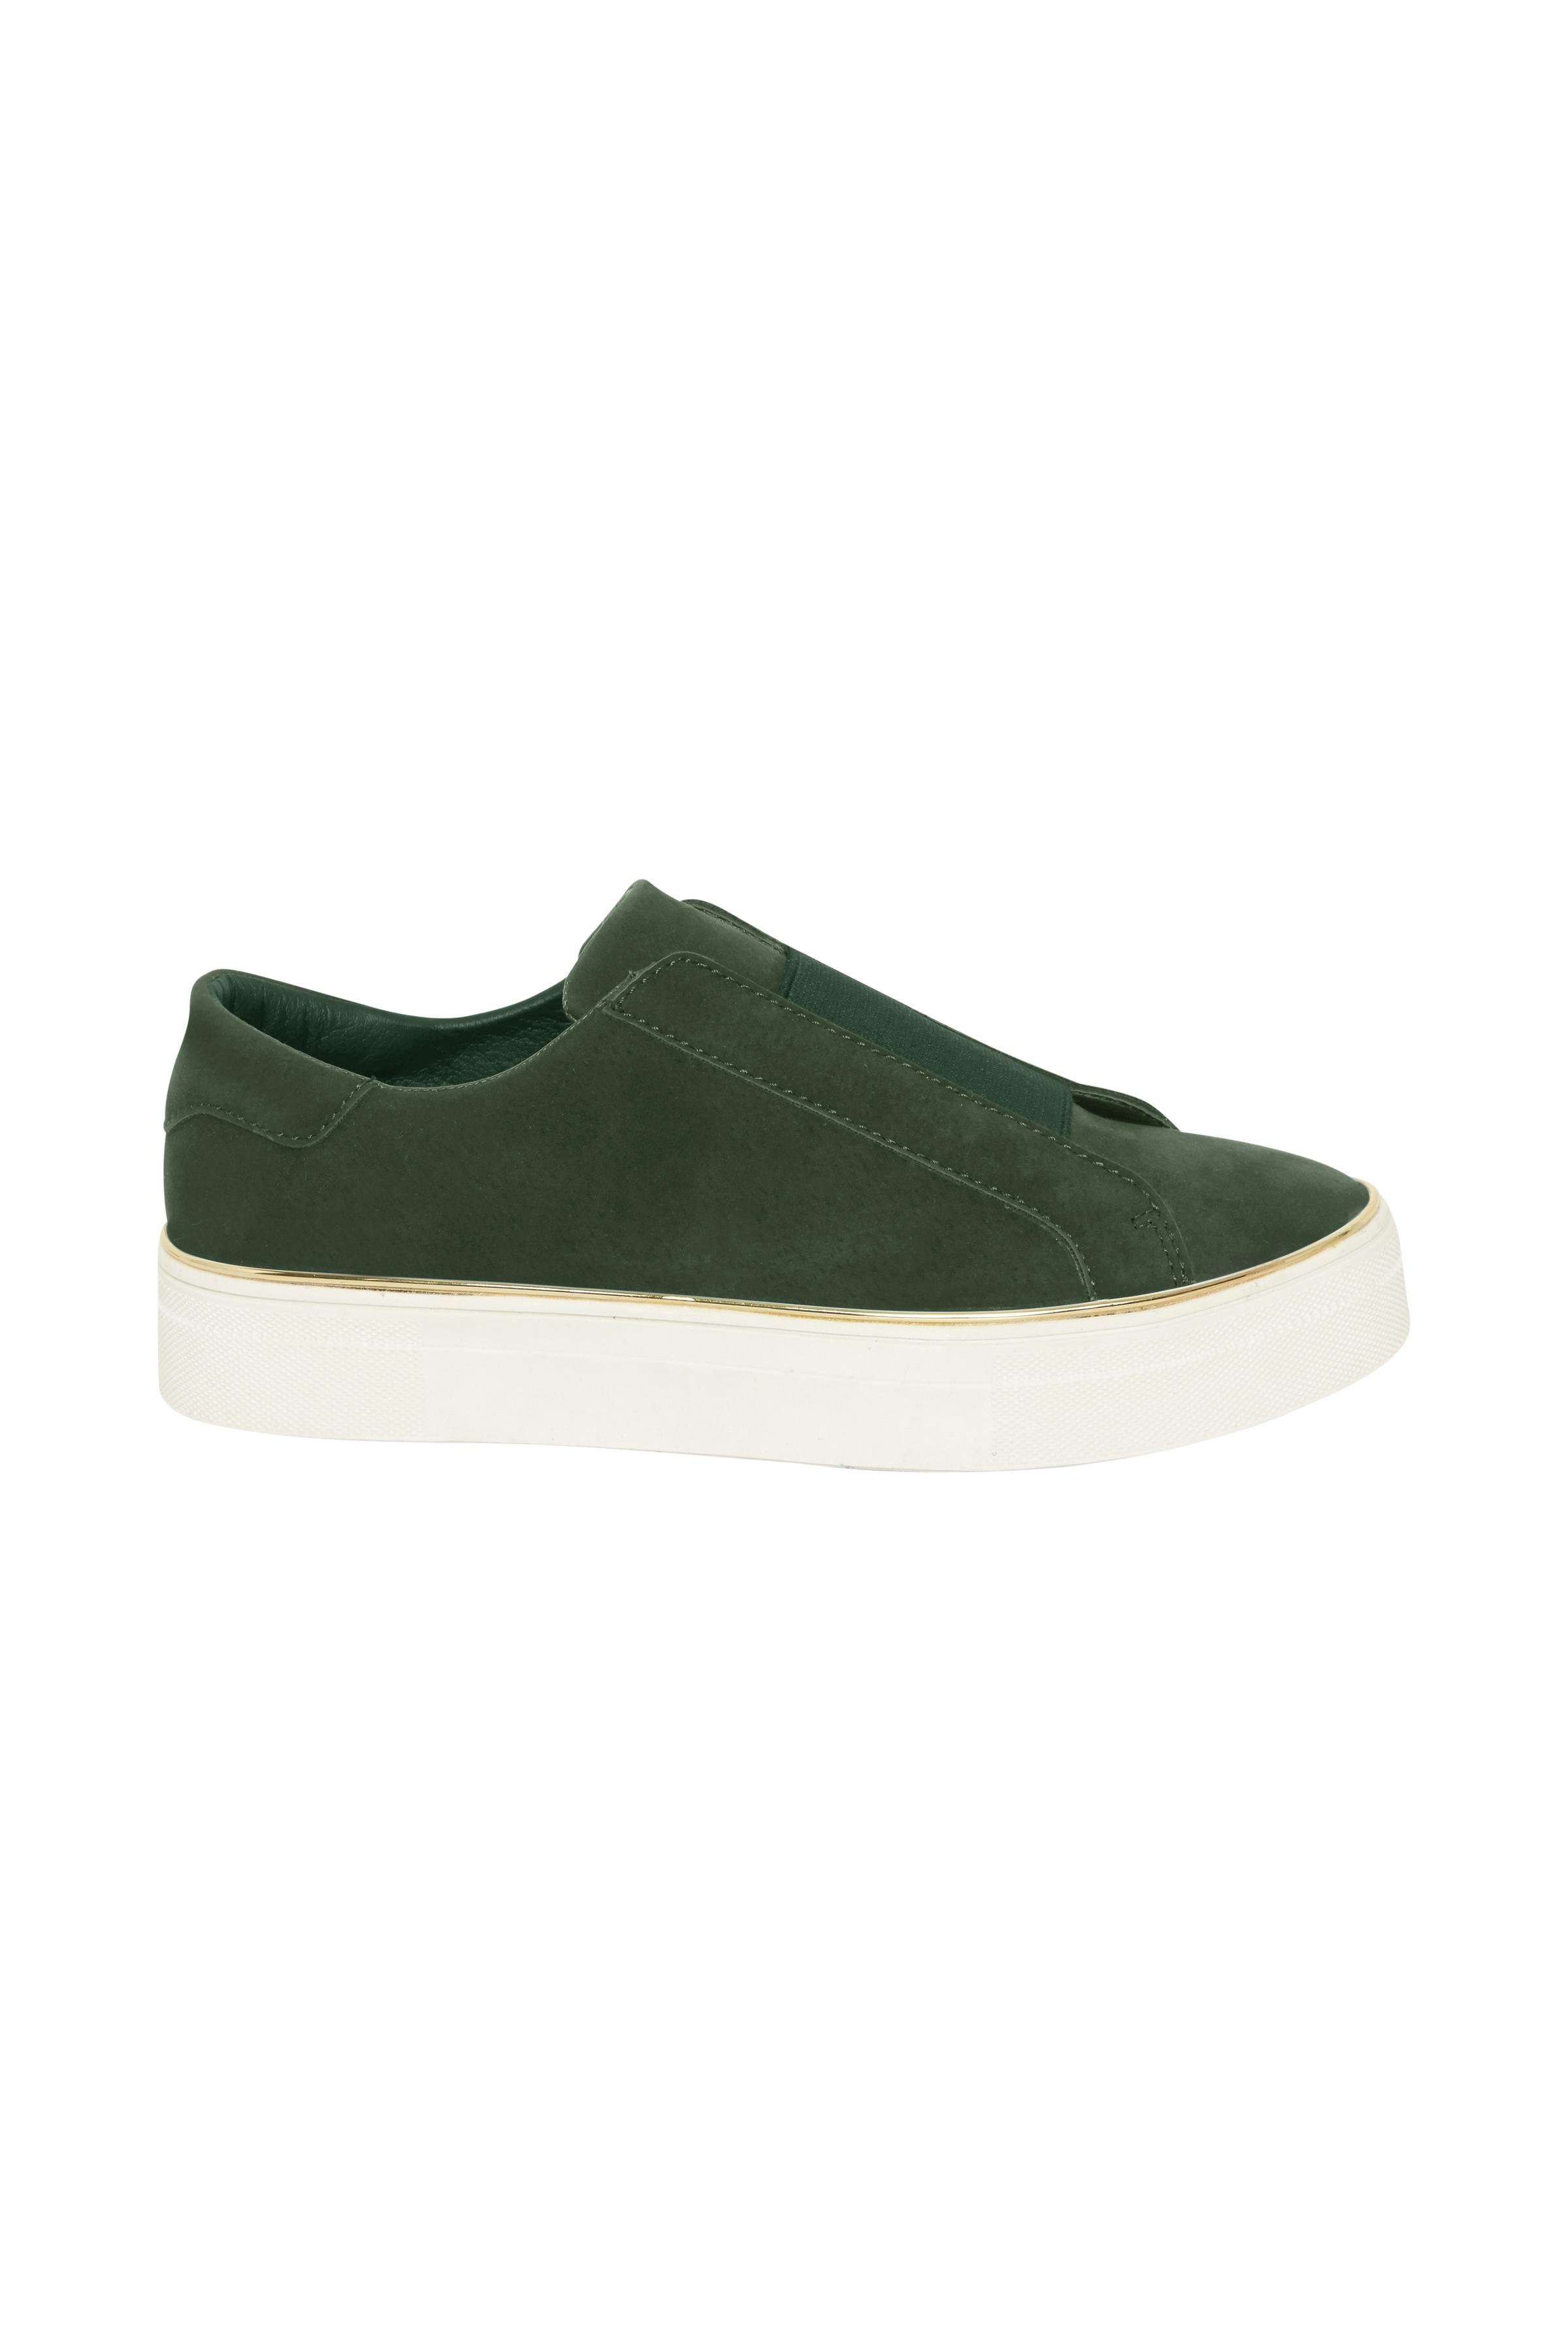 Dim mörkgrön Skor från Ichi - accessories – Köp Dim mörkgrön Skor från stl. 36-41 här